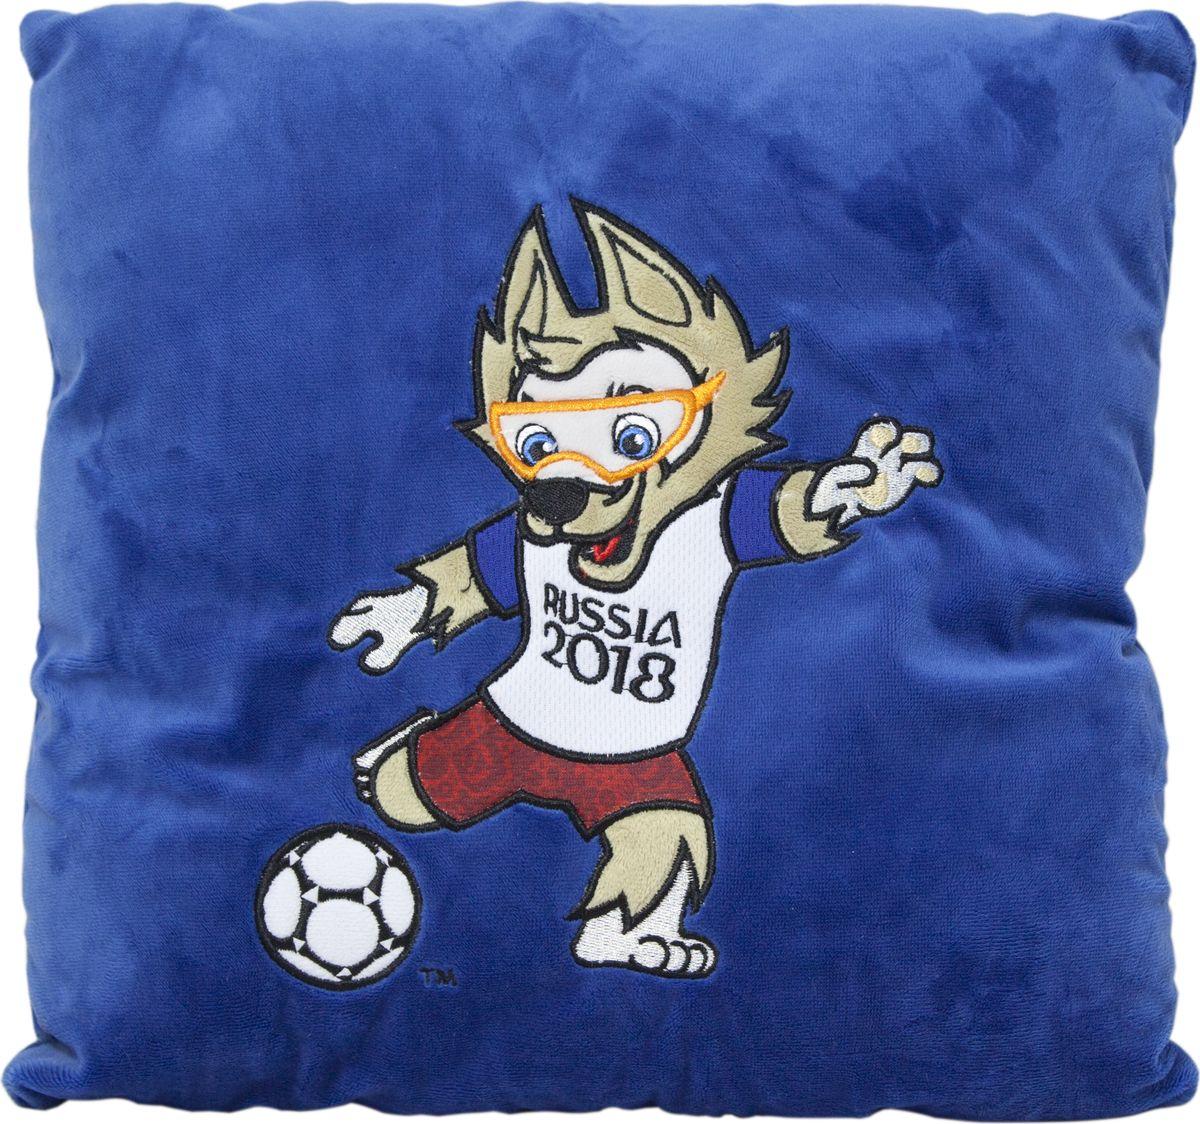 FIFA-2018 Мягкая игрушка-подушка Забивака KickingТ11005Подушка с волком Забивака — официальным талисманом чемпионата мира по футболу 2018 года, который пройдёт в России